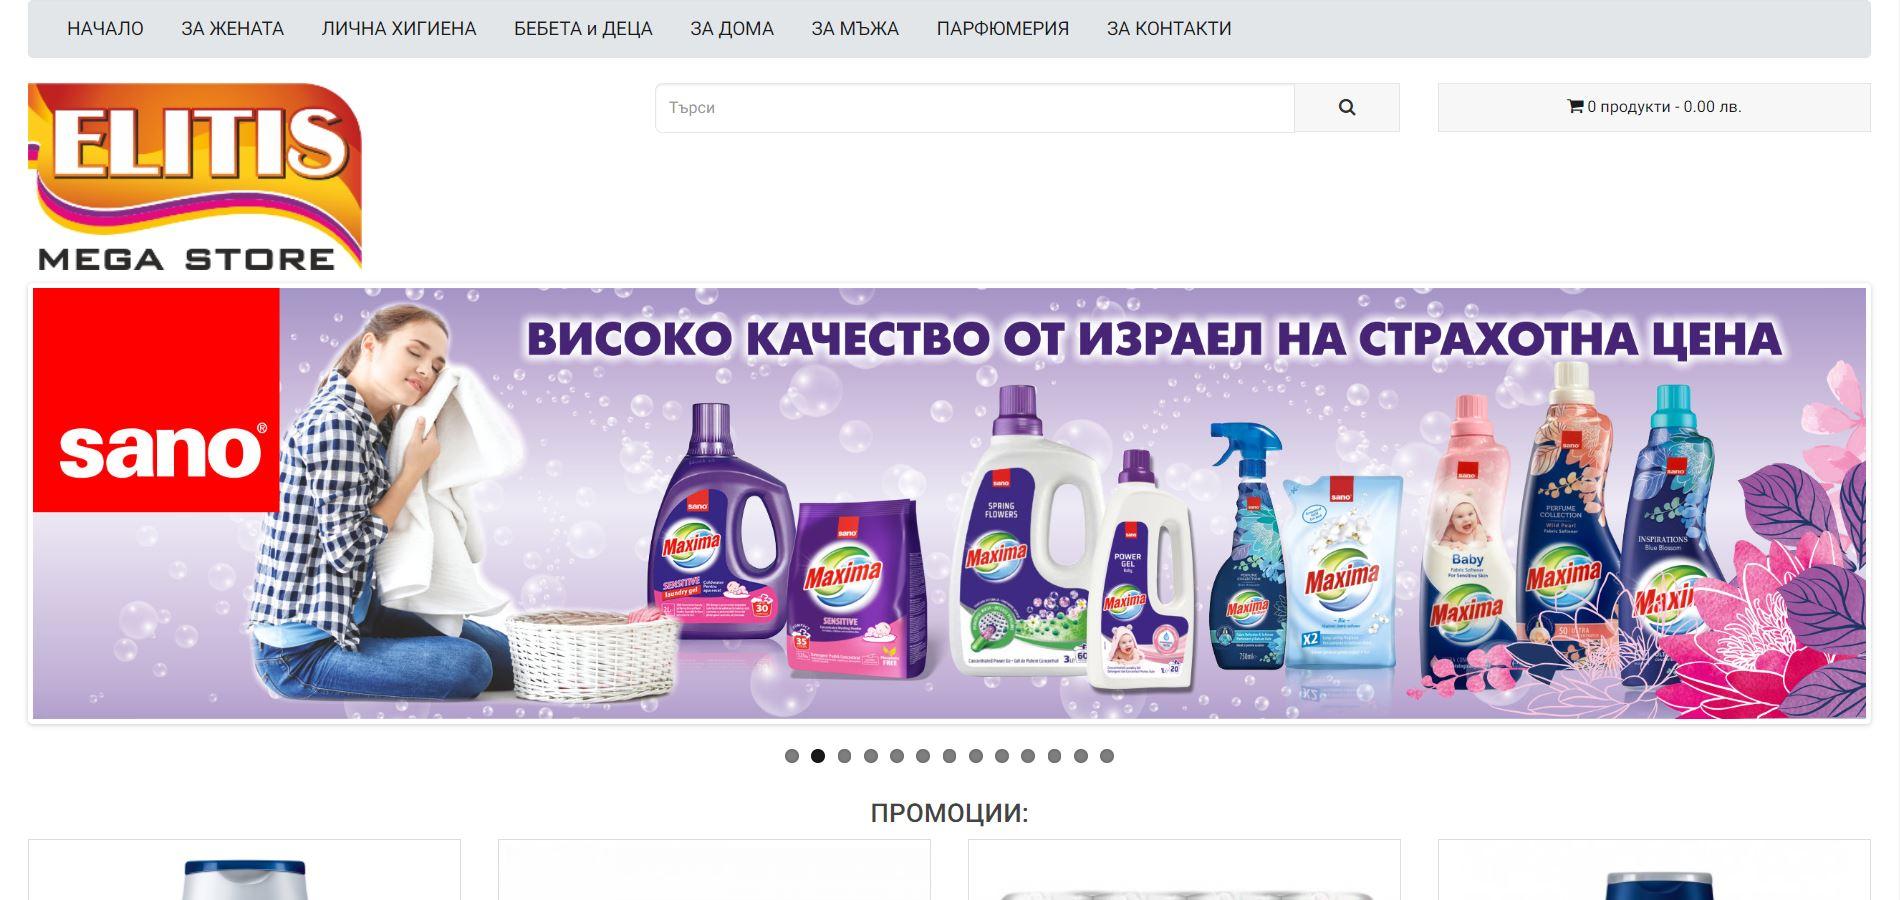 ELITIS Mega Store E-Shop